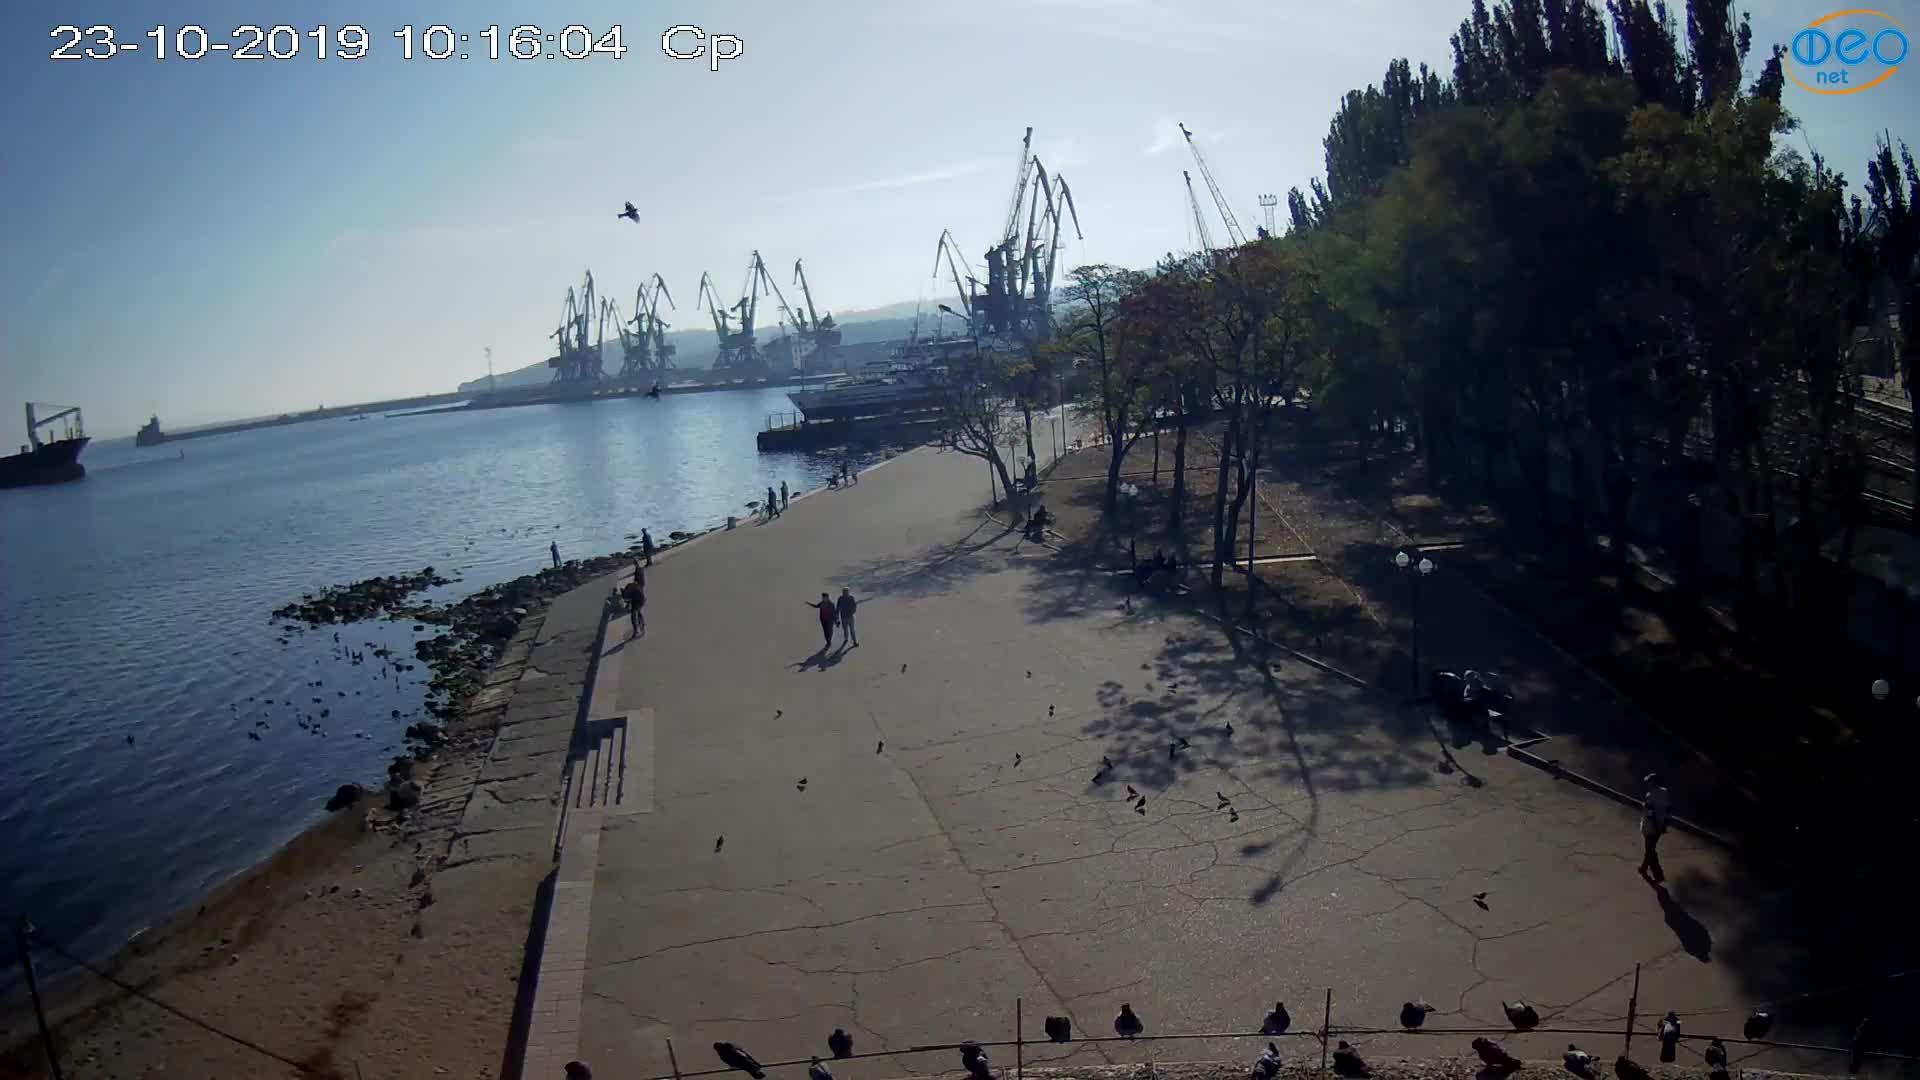 Веб-камеры Феодосии, Набережная Десантников, 2019-10-23 10:16:15